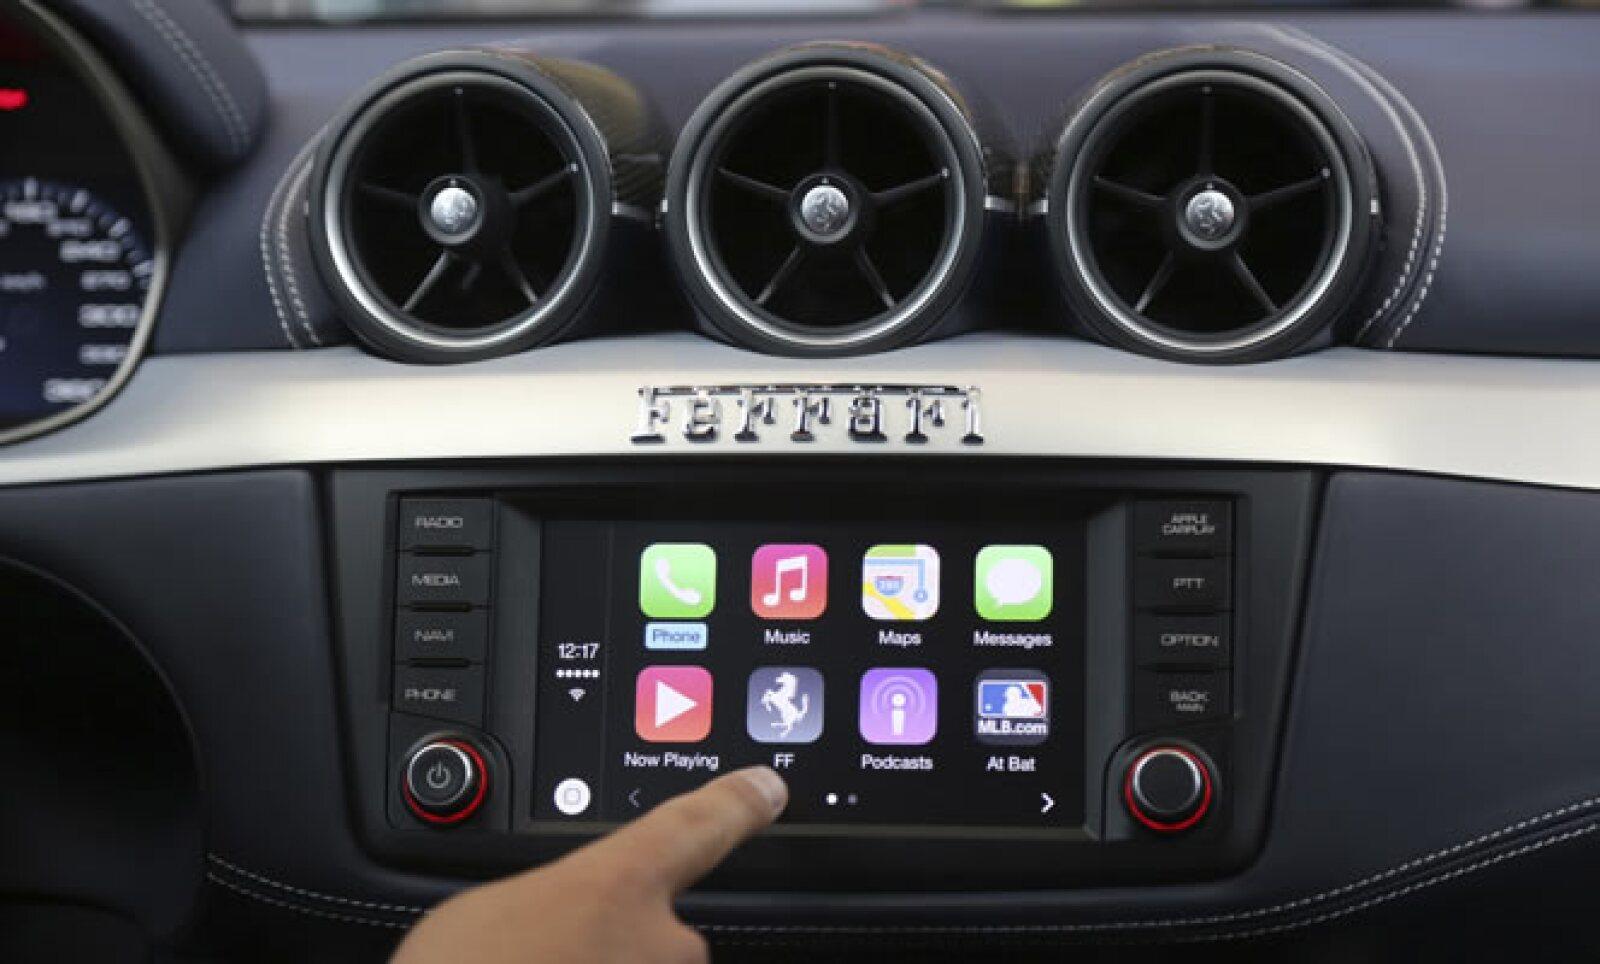 Otro adelanto de Apple fue una demsotración de CarPlay, un sistema de tecnología incorporada al automóvil que imitará la interfaz del iPhone.